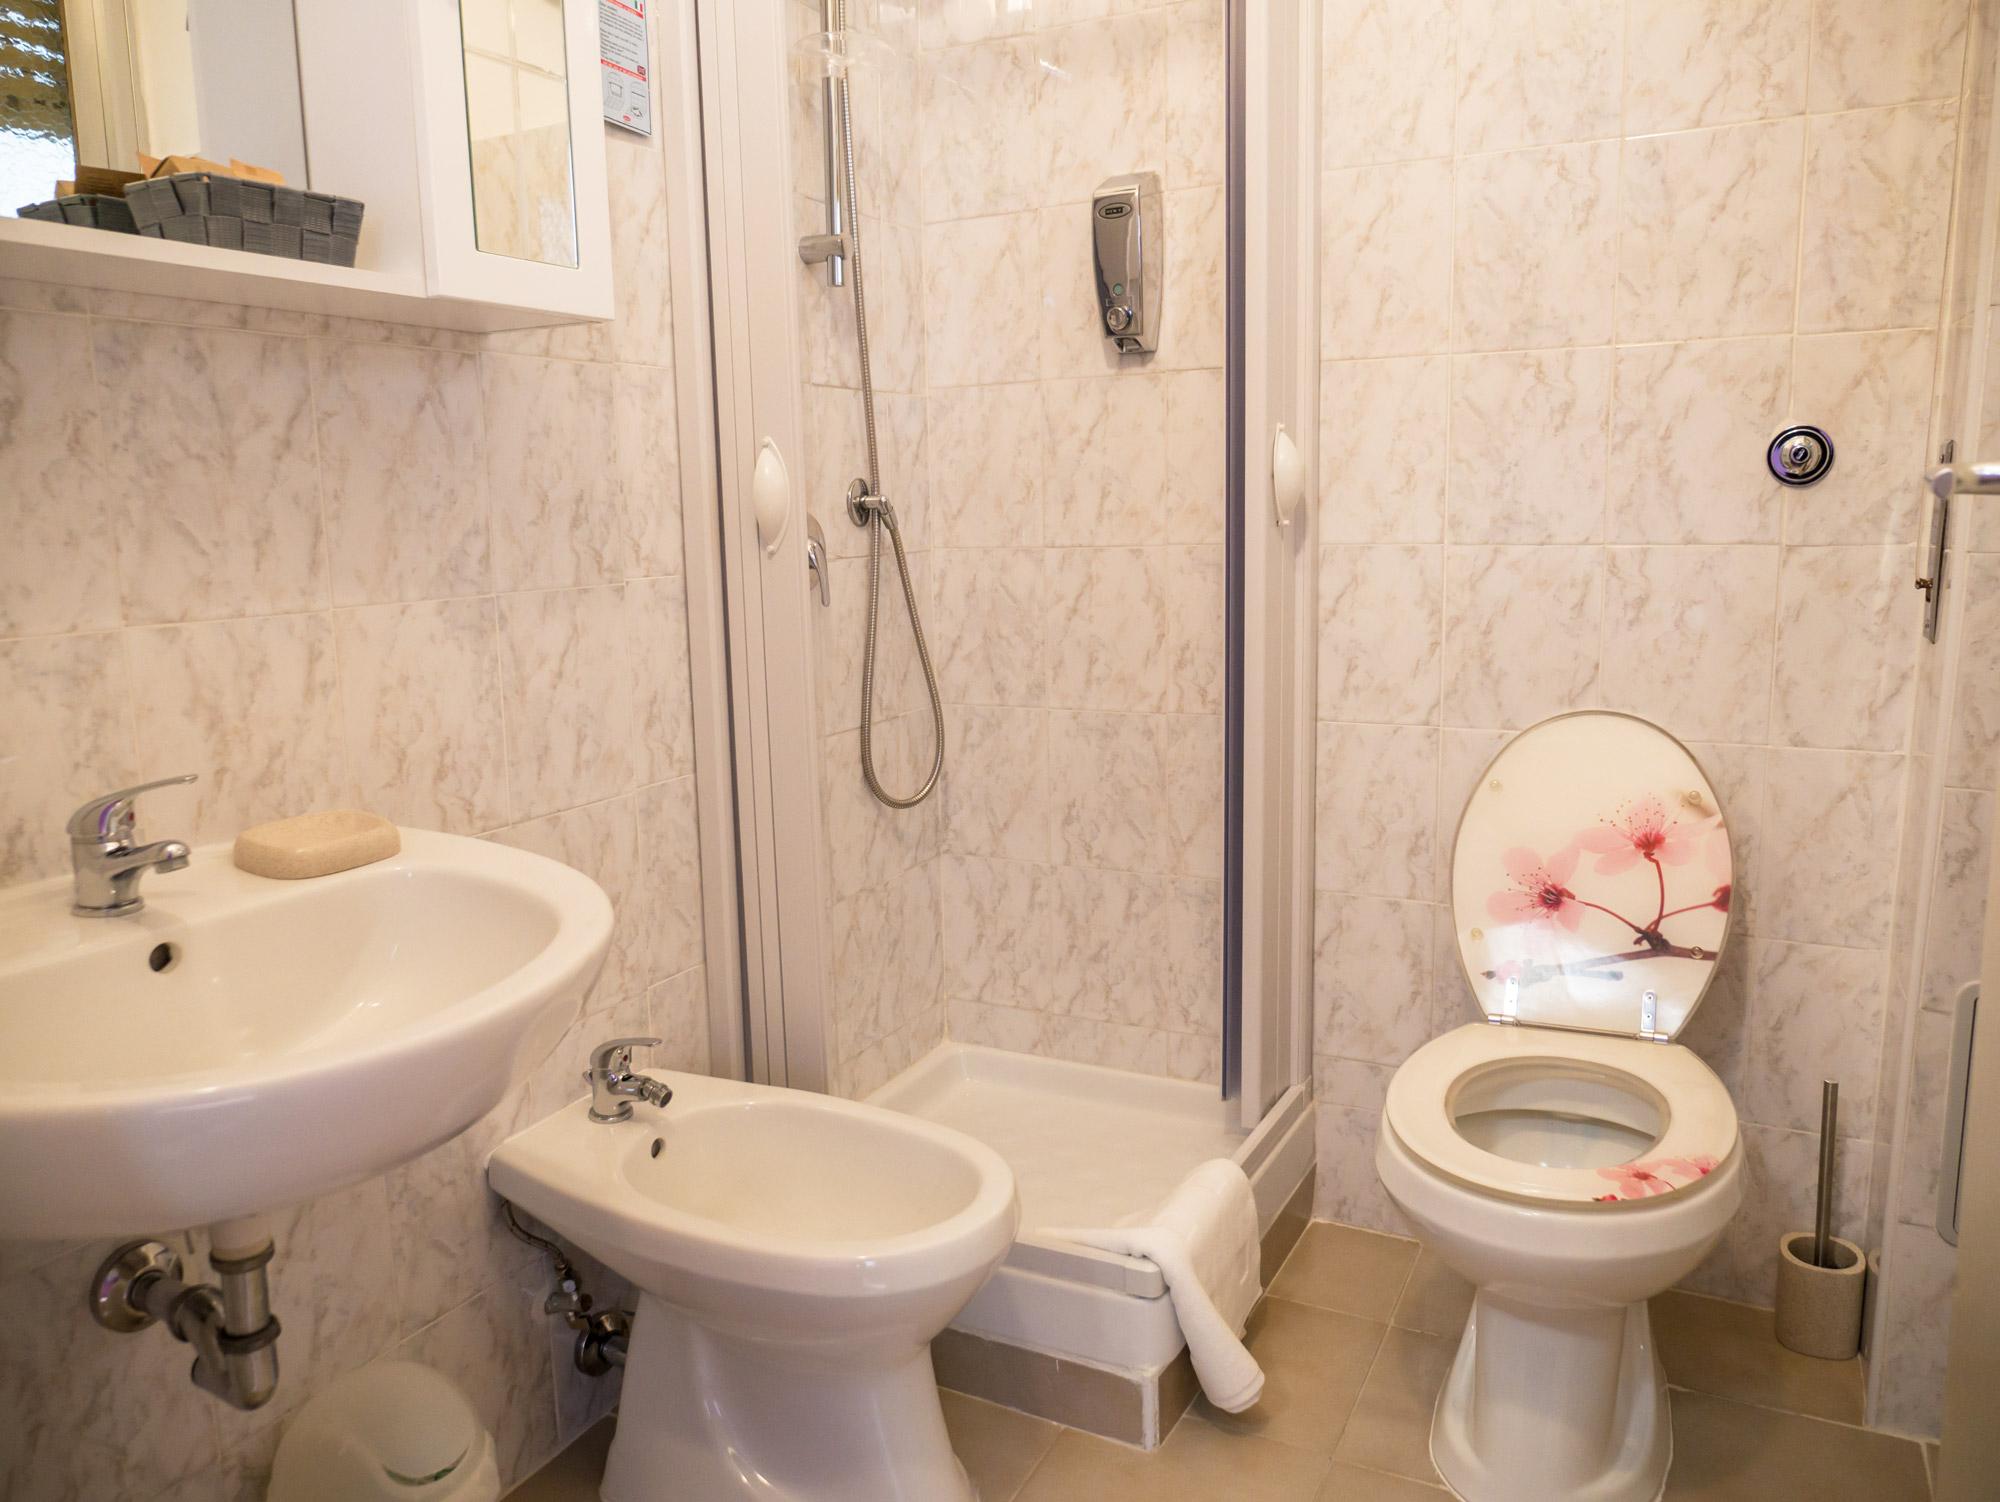 Il bagno privato in camera - Le Camere - B&B Roma Centro